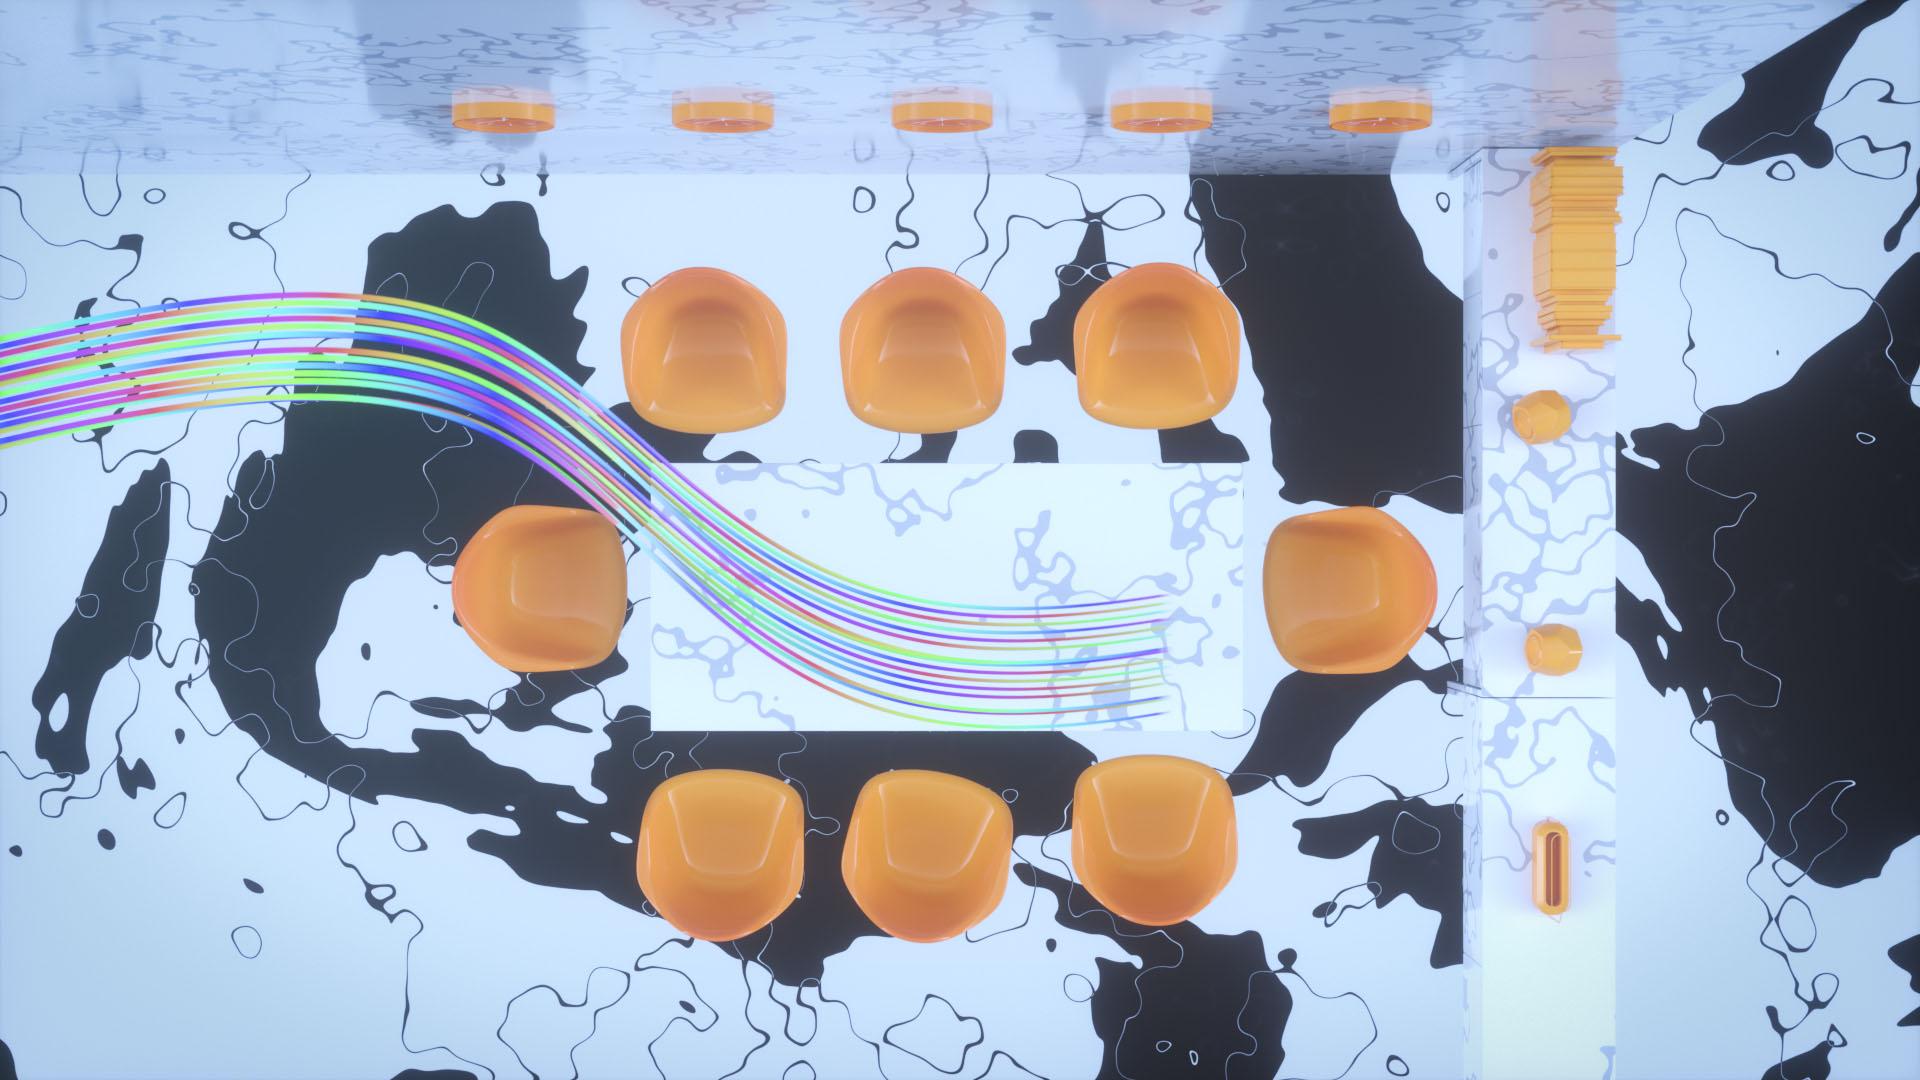 Directors_Cut_PNG_Sequence0806_02